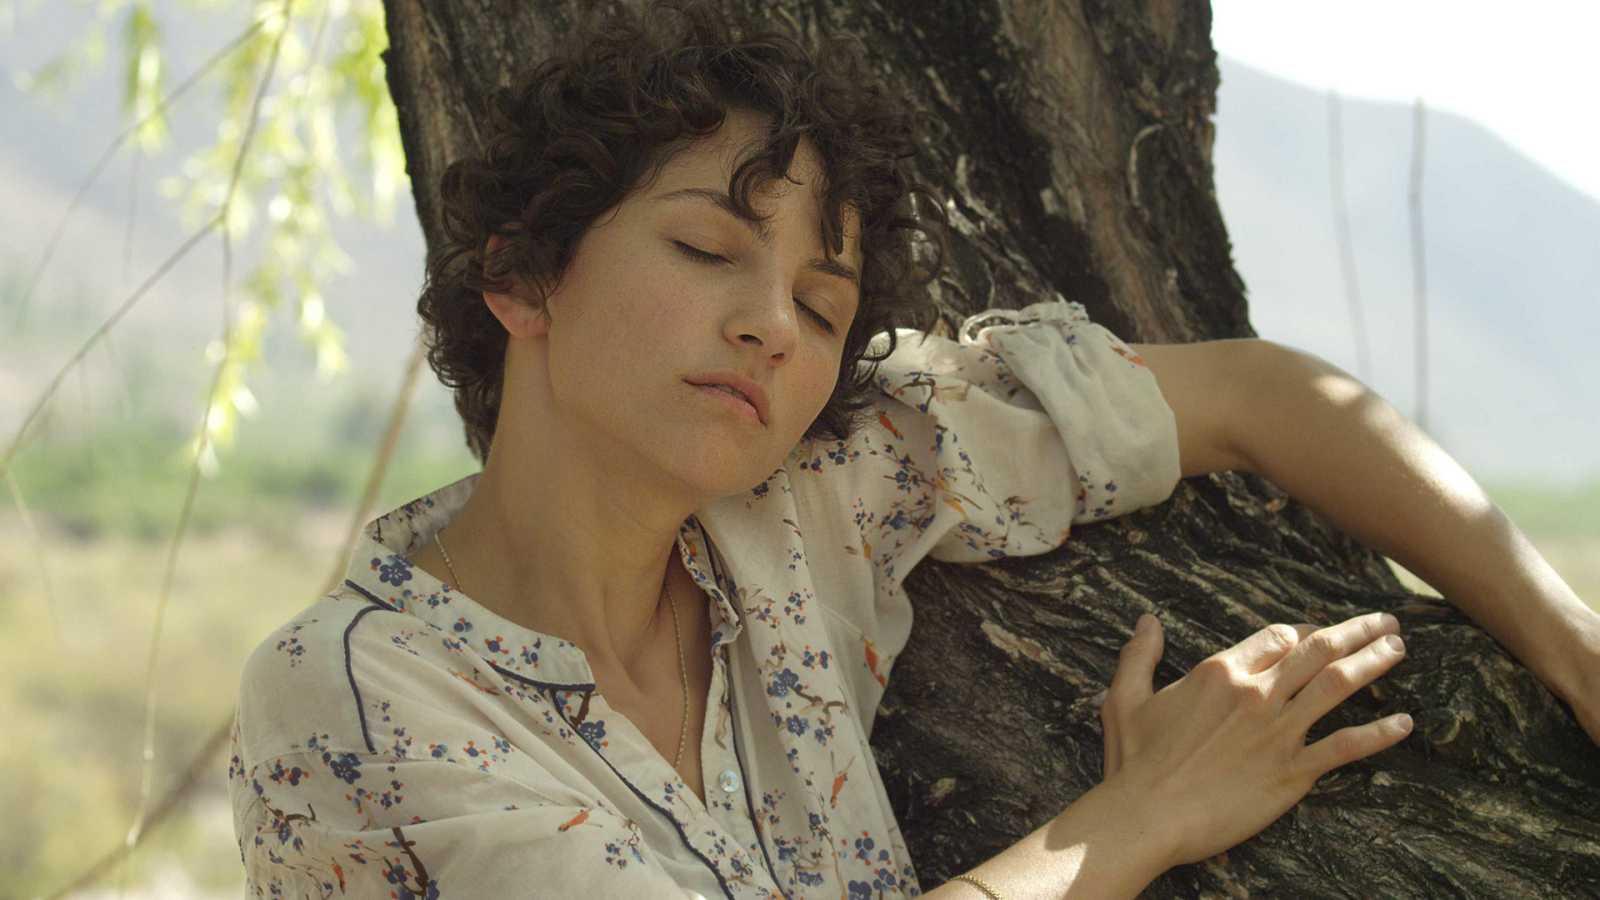 Somos cine - El árbol magnético - Ver ahora